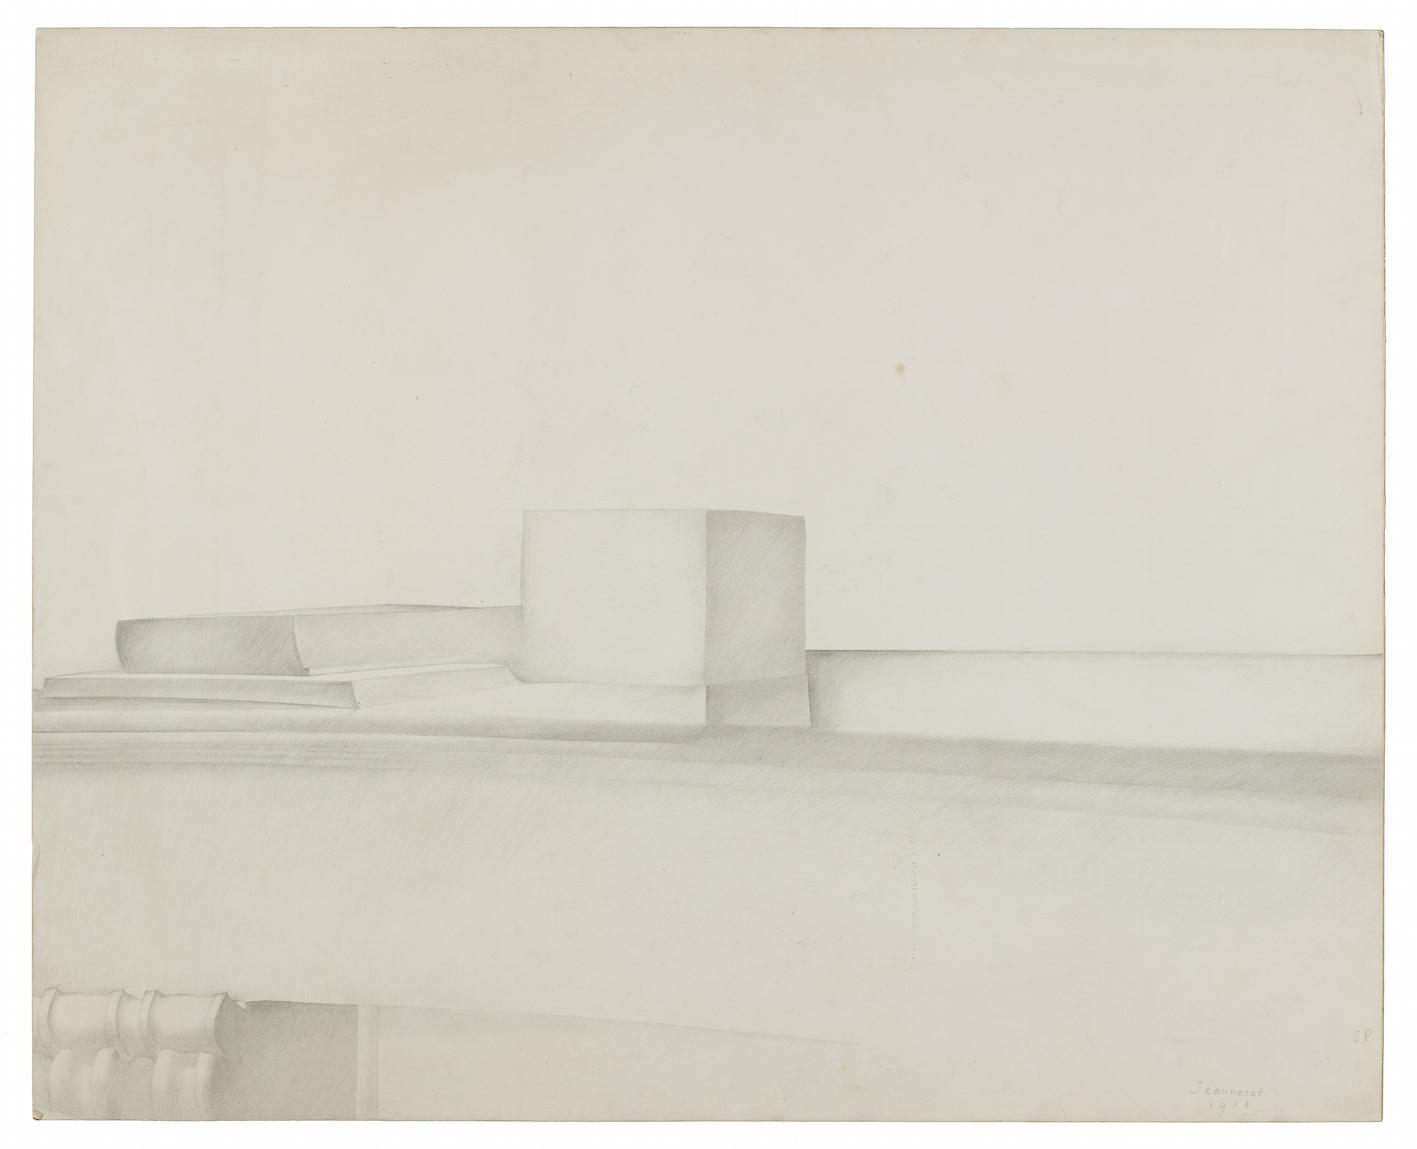 Le Corbusier, Étude pour la cheminée, 1918.